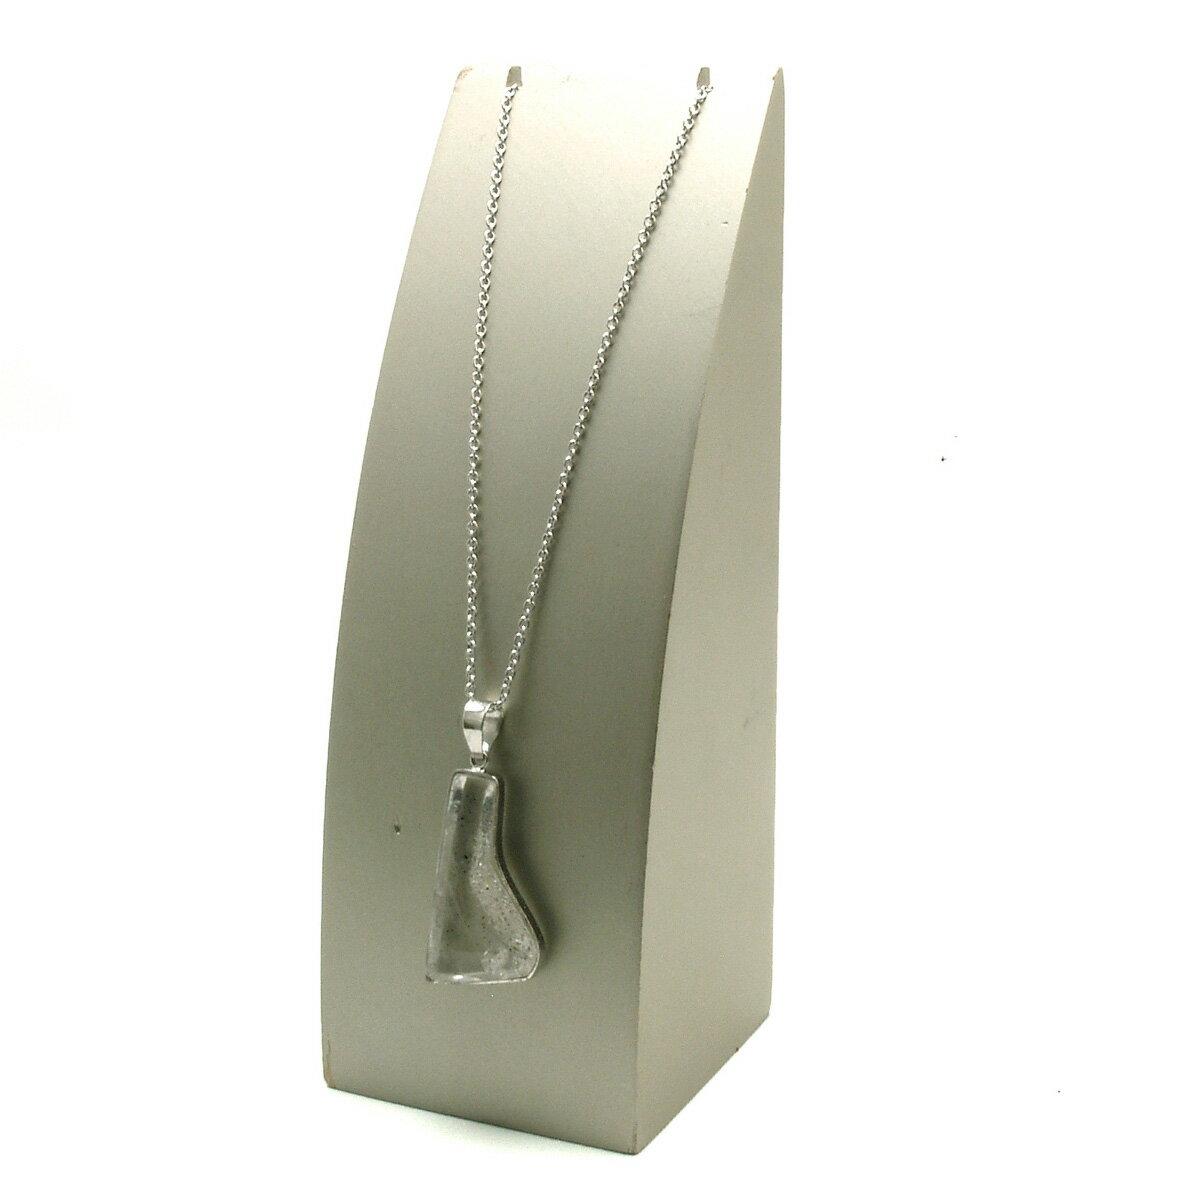 ピンクファイヤークォーツ 希少な コベライトインクォーツ ペンダント ティンカーベル水晶 ネックレス